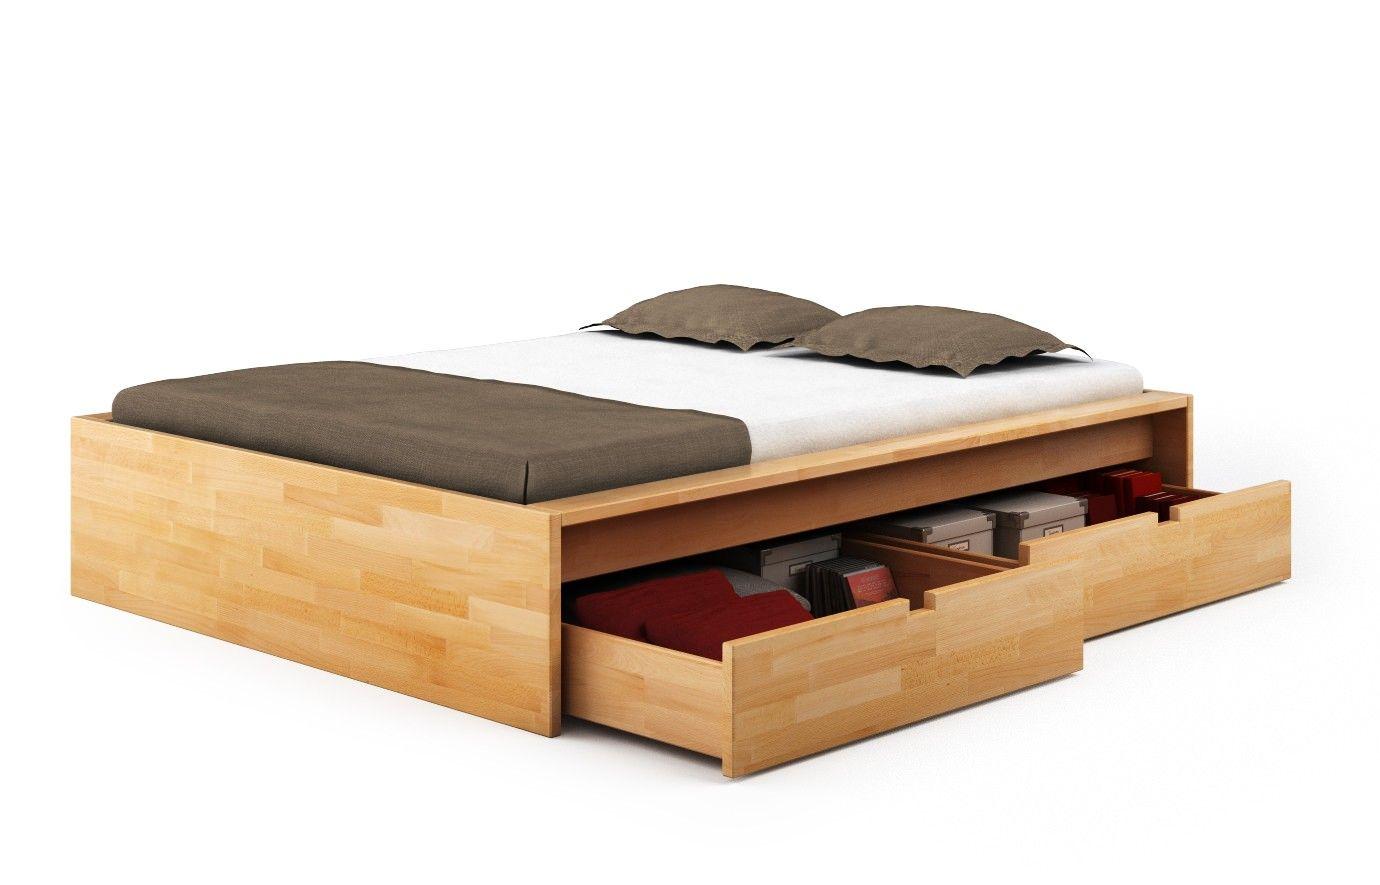 Betten von Holzconnection.de mit Schubladen | Wohnhaft | Pinterest ...